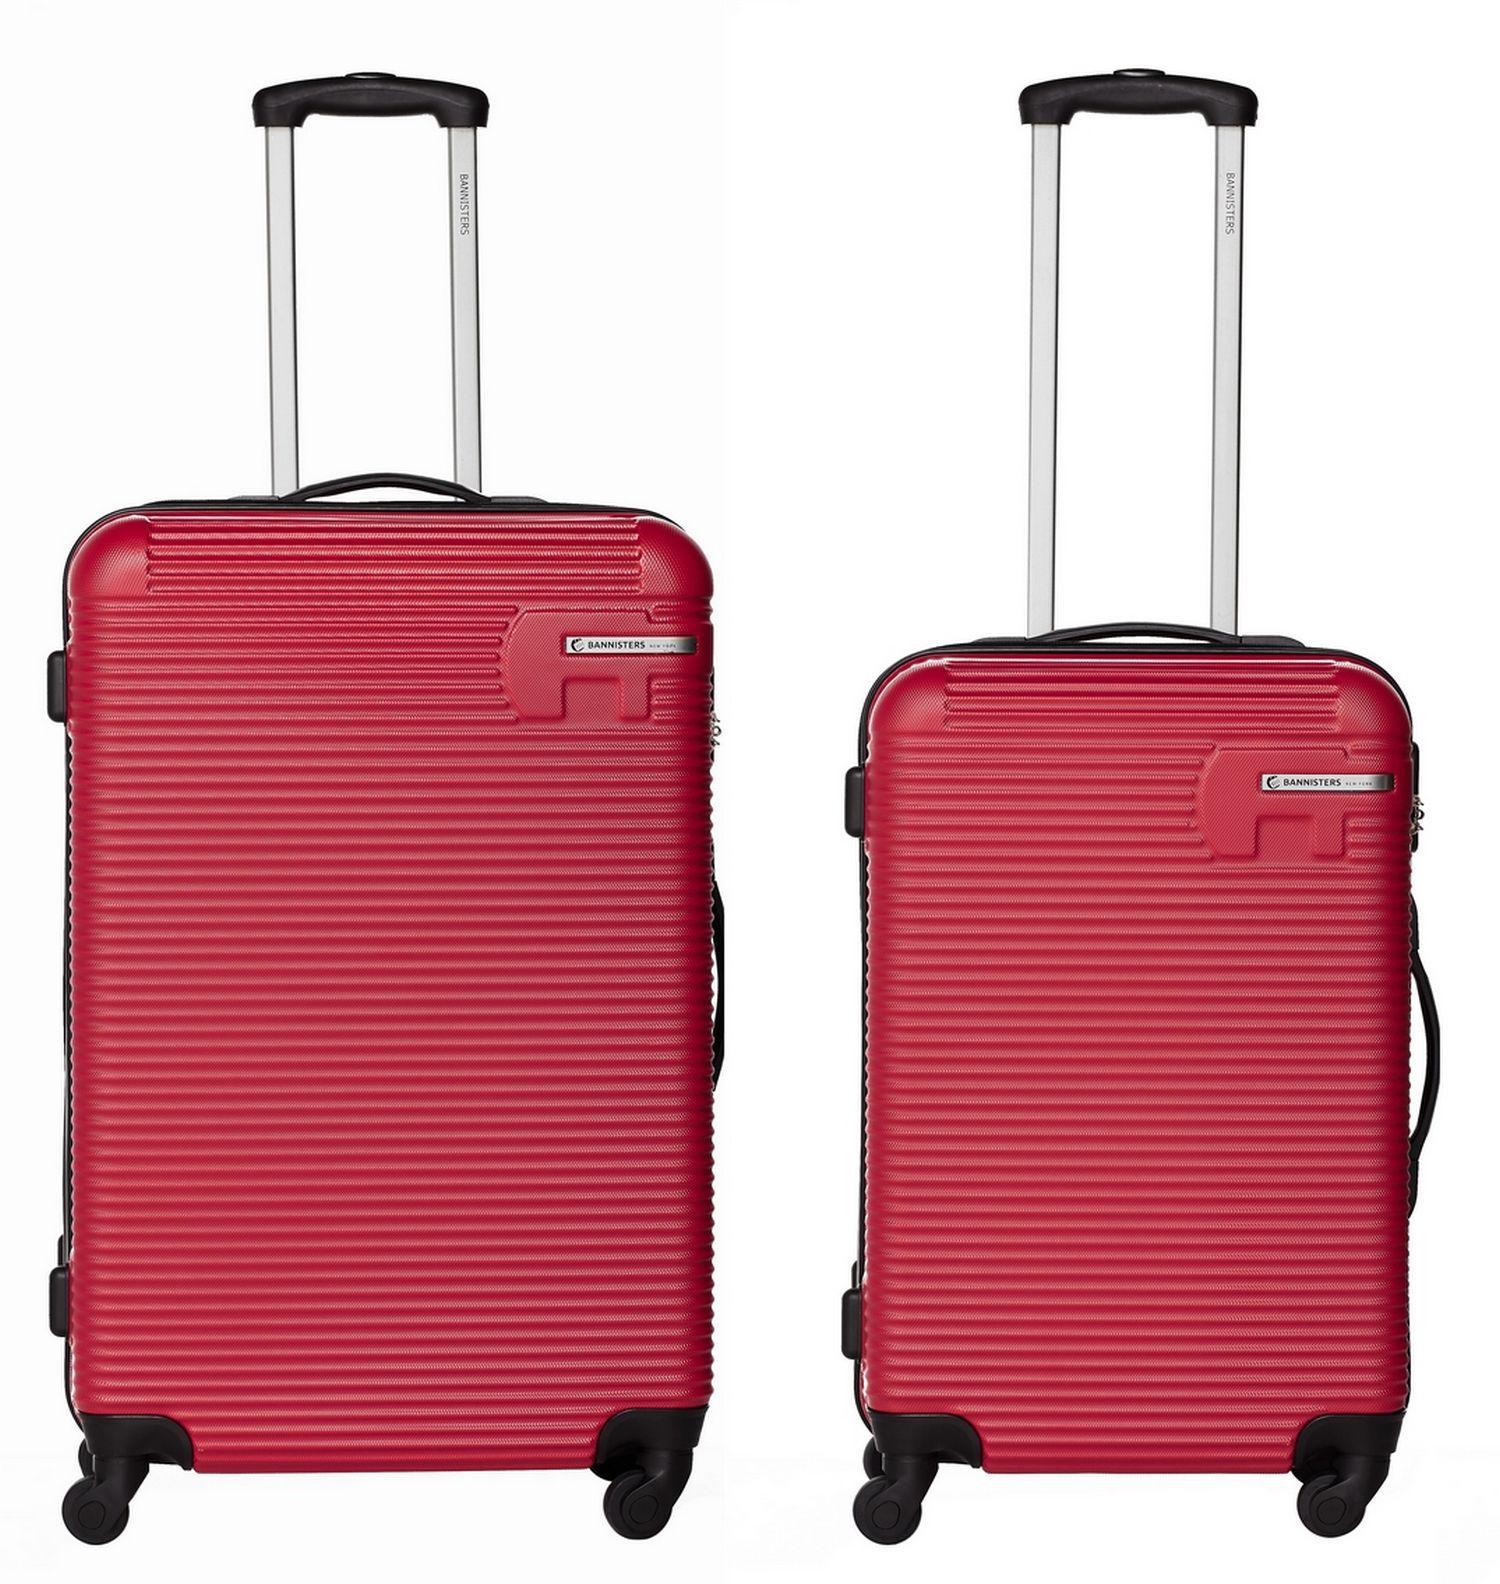 Bannisters-Hartschalenkoffer-aus-ABS-2er-Set-Reisekoffer-Zahlenschloss-Koffer